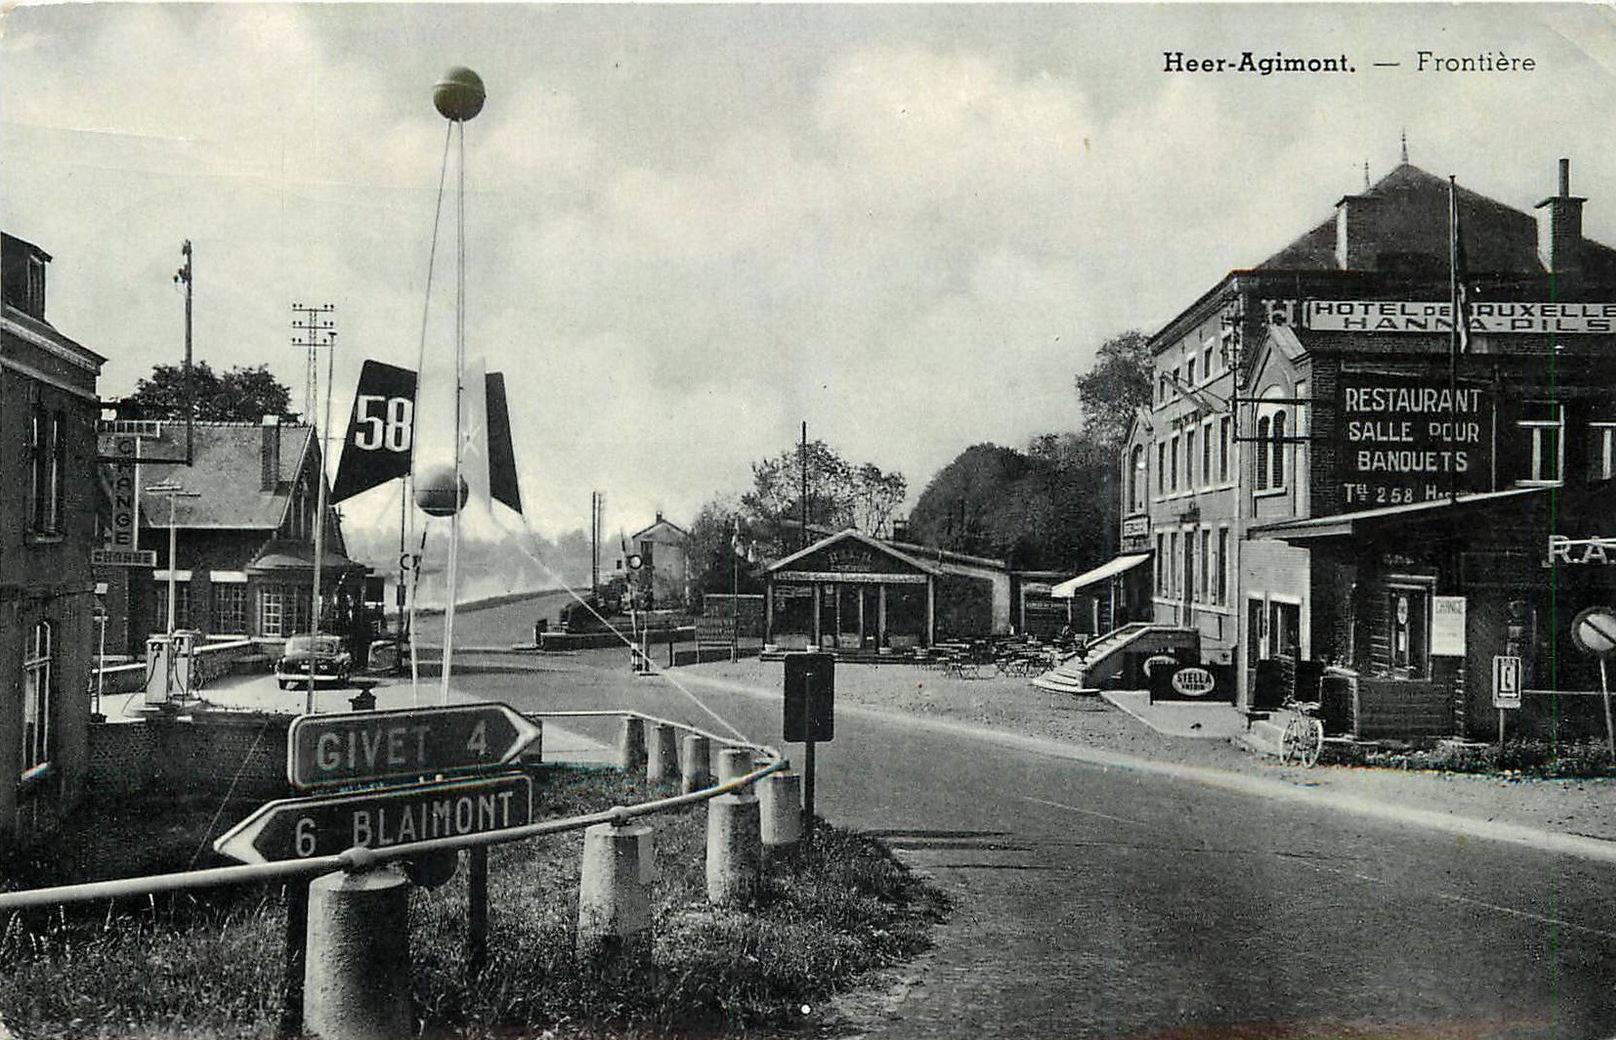 Grens-Heer--Agimont